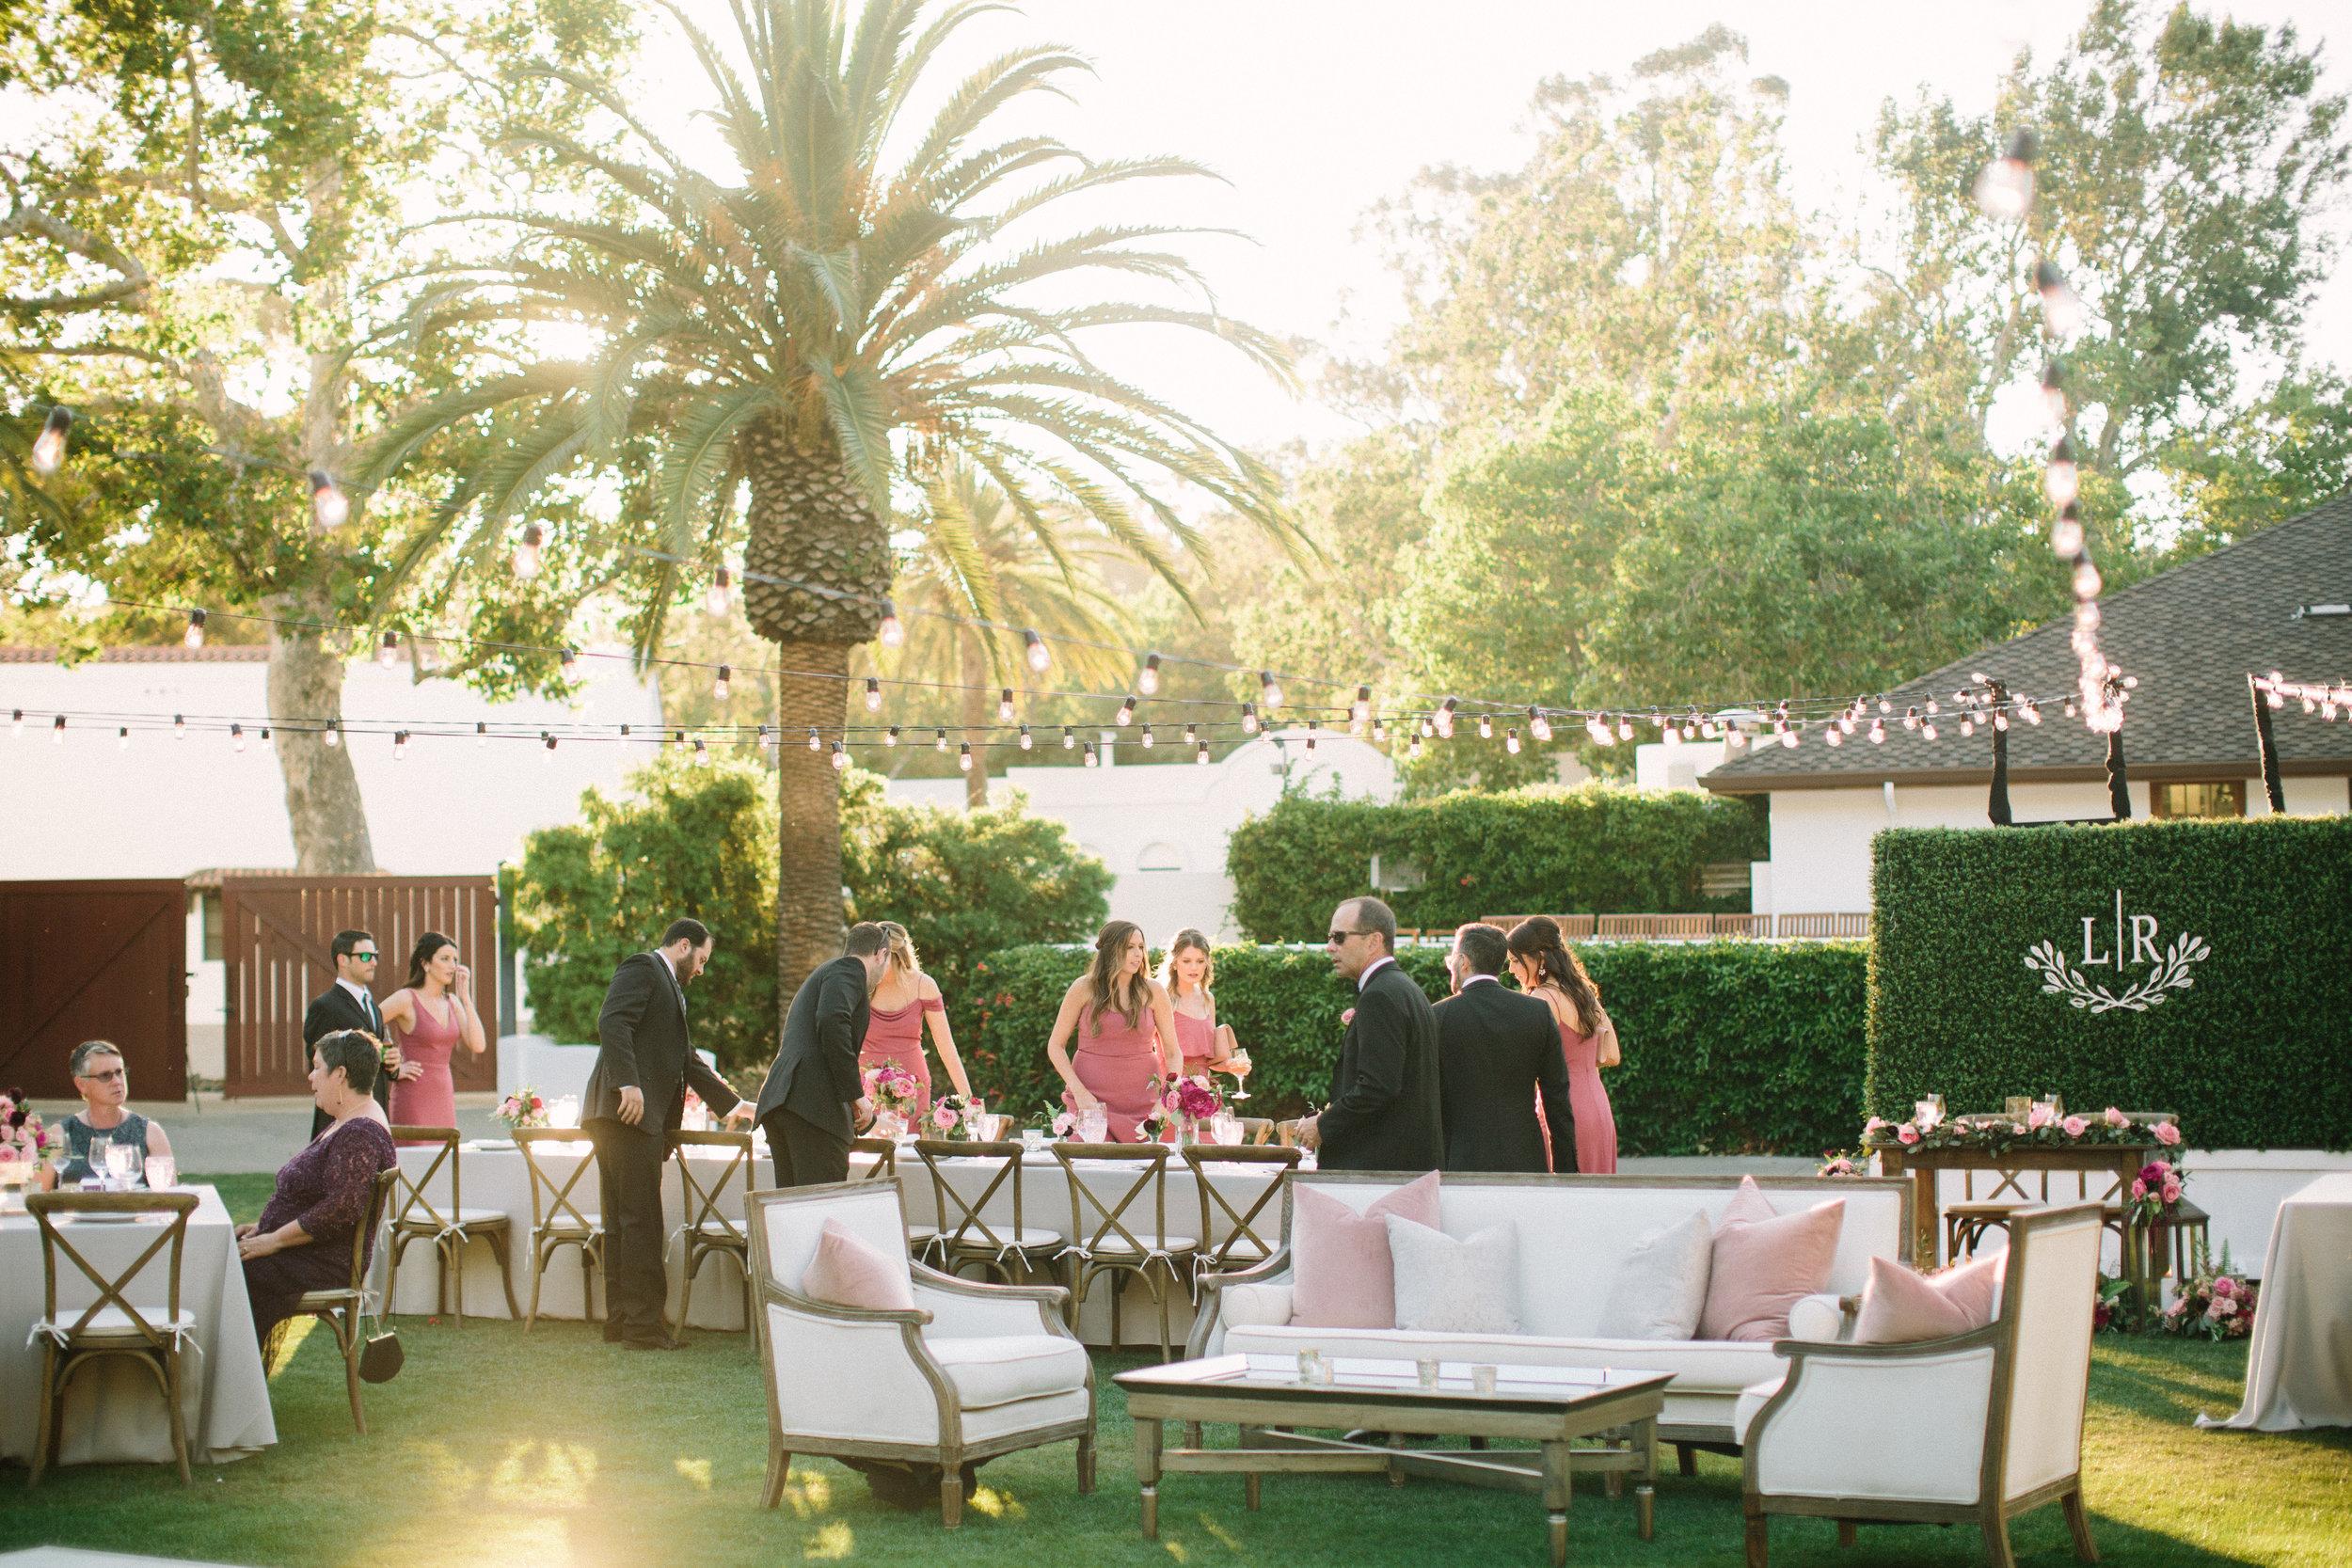 This-Love-of-Yours-Lauren-and-Ryan-Wedding-476.jpg